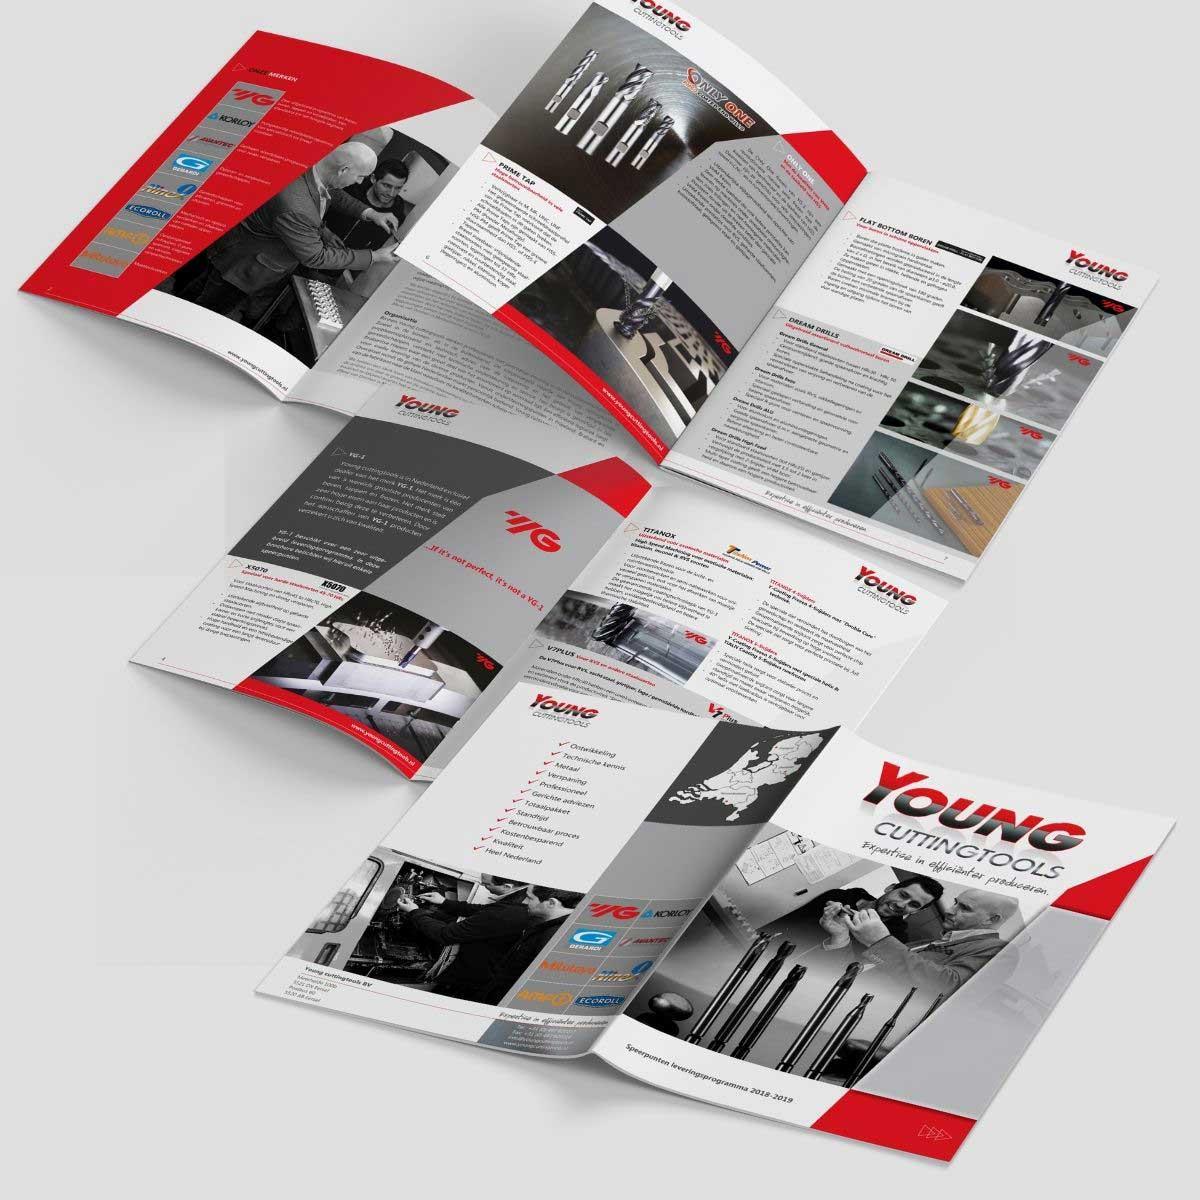 Grafisch ontwerp, drukwerk brochure voor Young Cuttingtools.